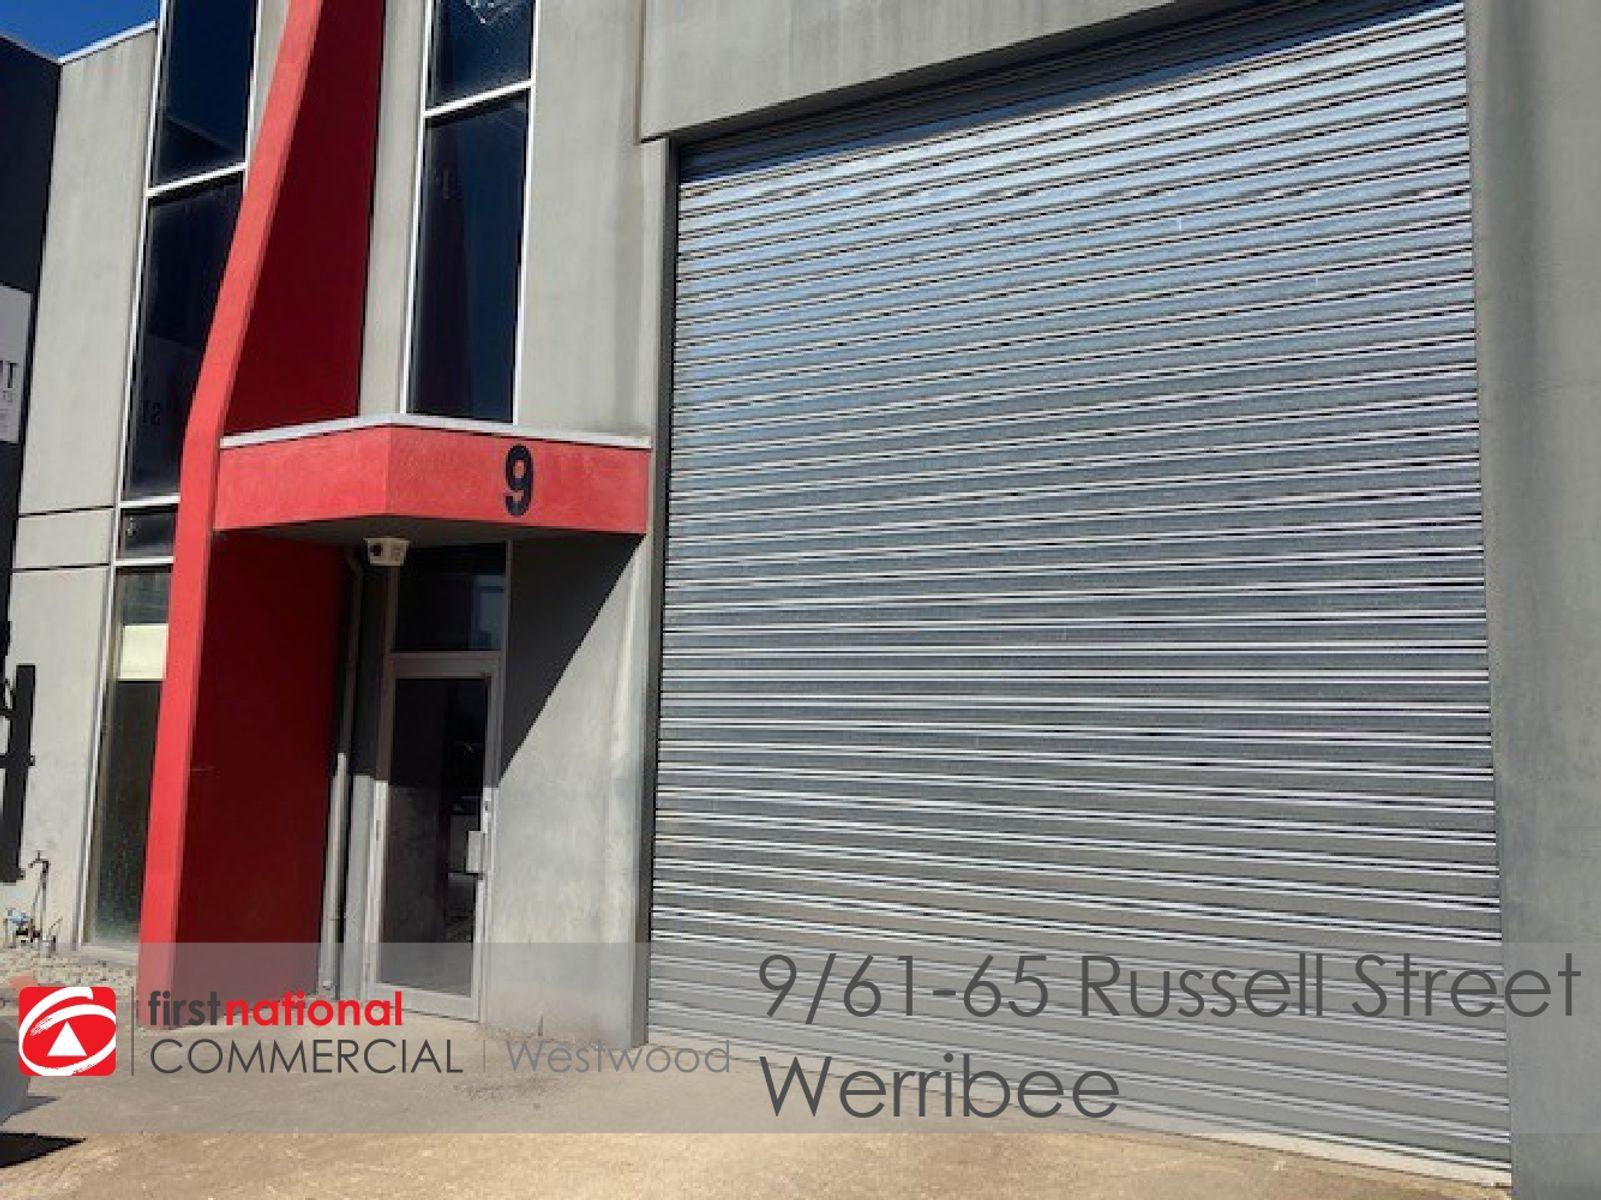 9/61-65 Russell Street, Werribee, VIC 3030